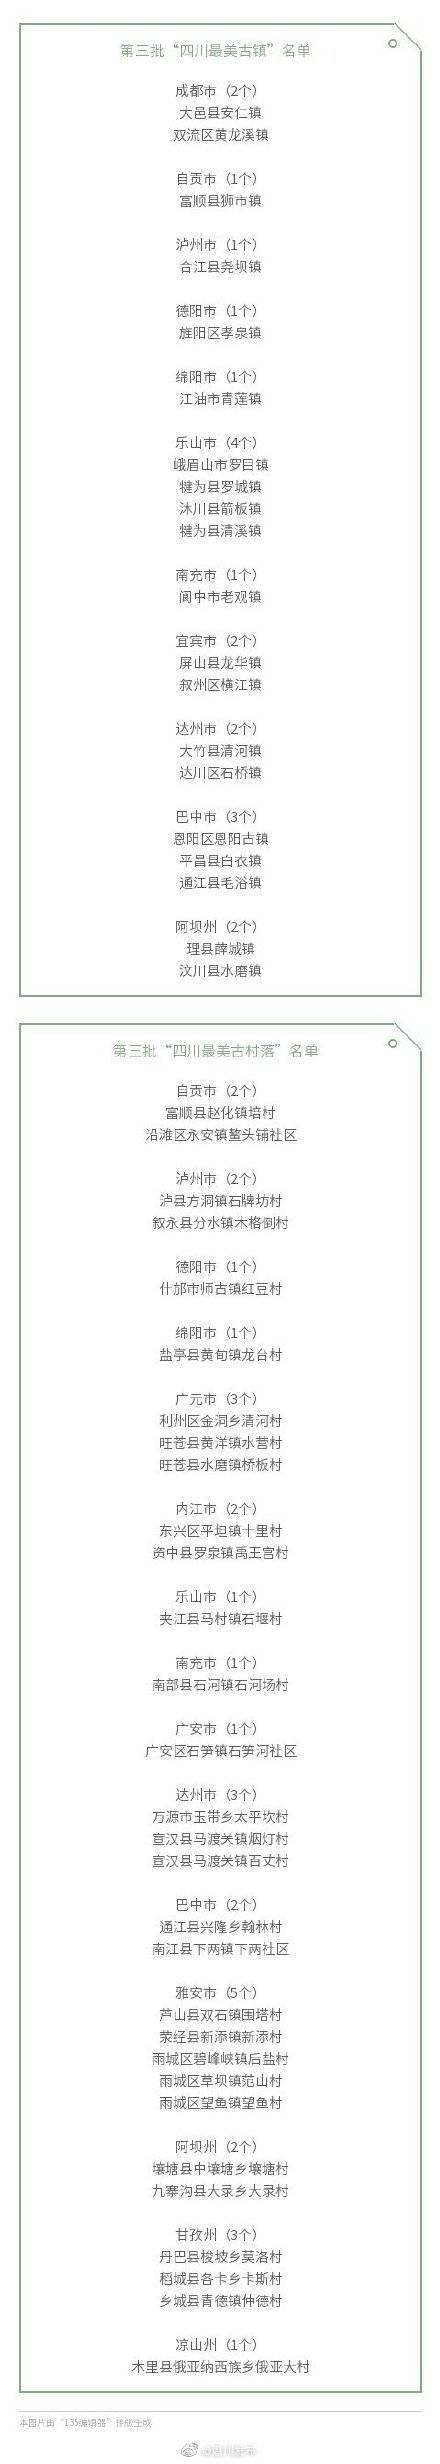 """追寻乡愁!第三批""""四川最美古镇""""、""""四川最美古村落""""名单发布"""